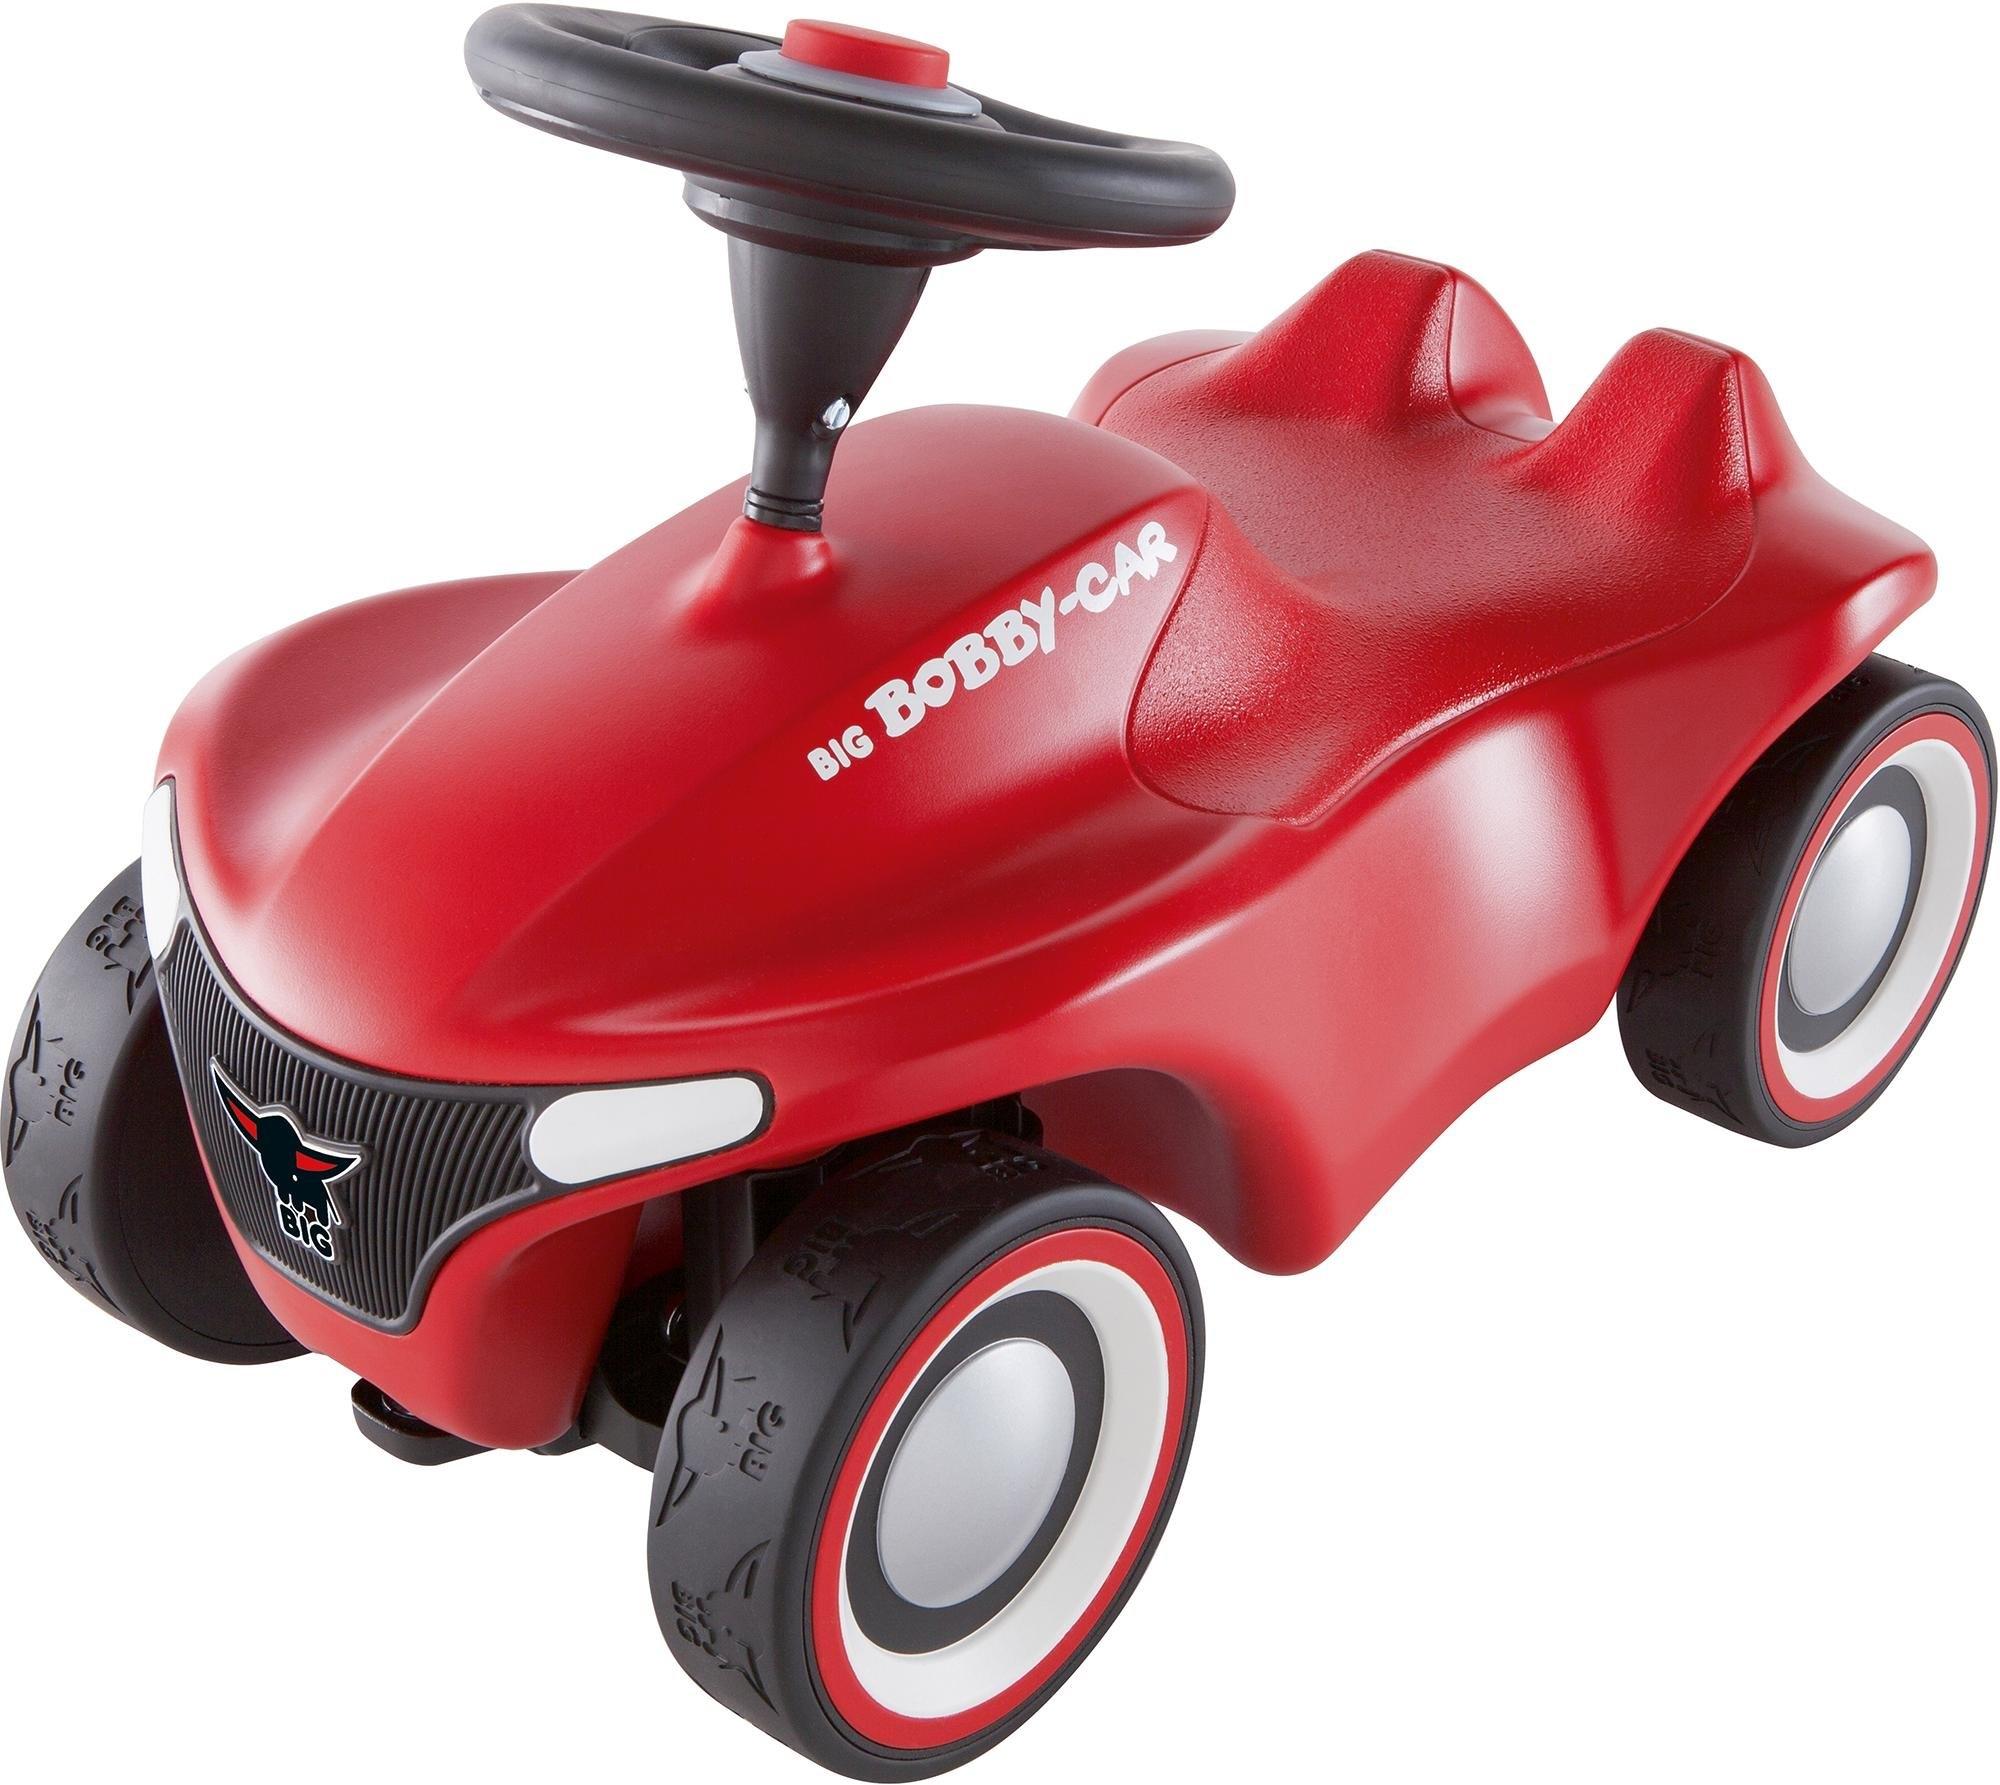 Op zoek naar een BIG loopauto BIG-Bobby-Car-NEO rood made in germany? Koop online bij OTTO